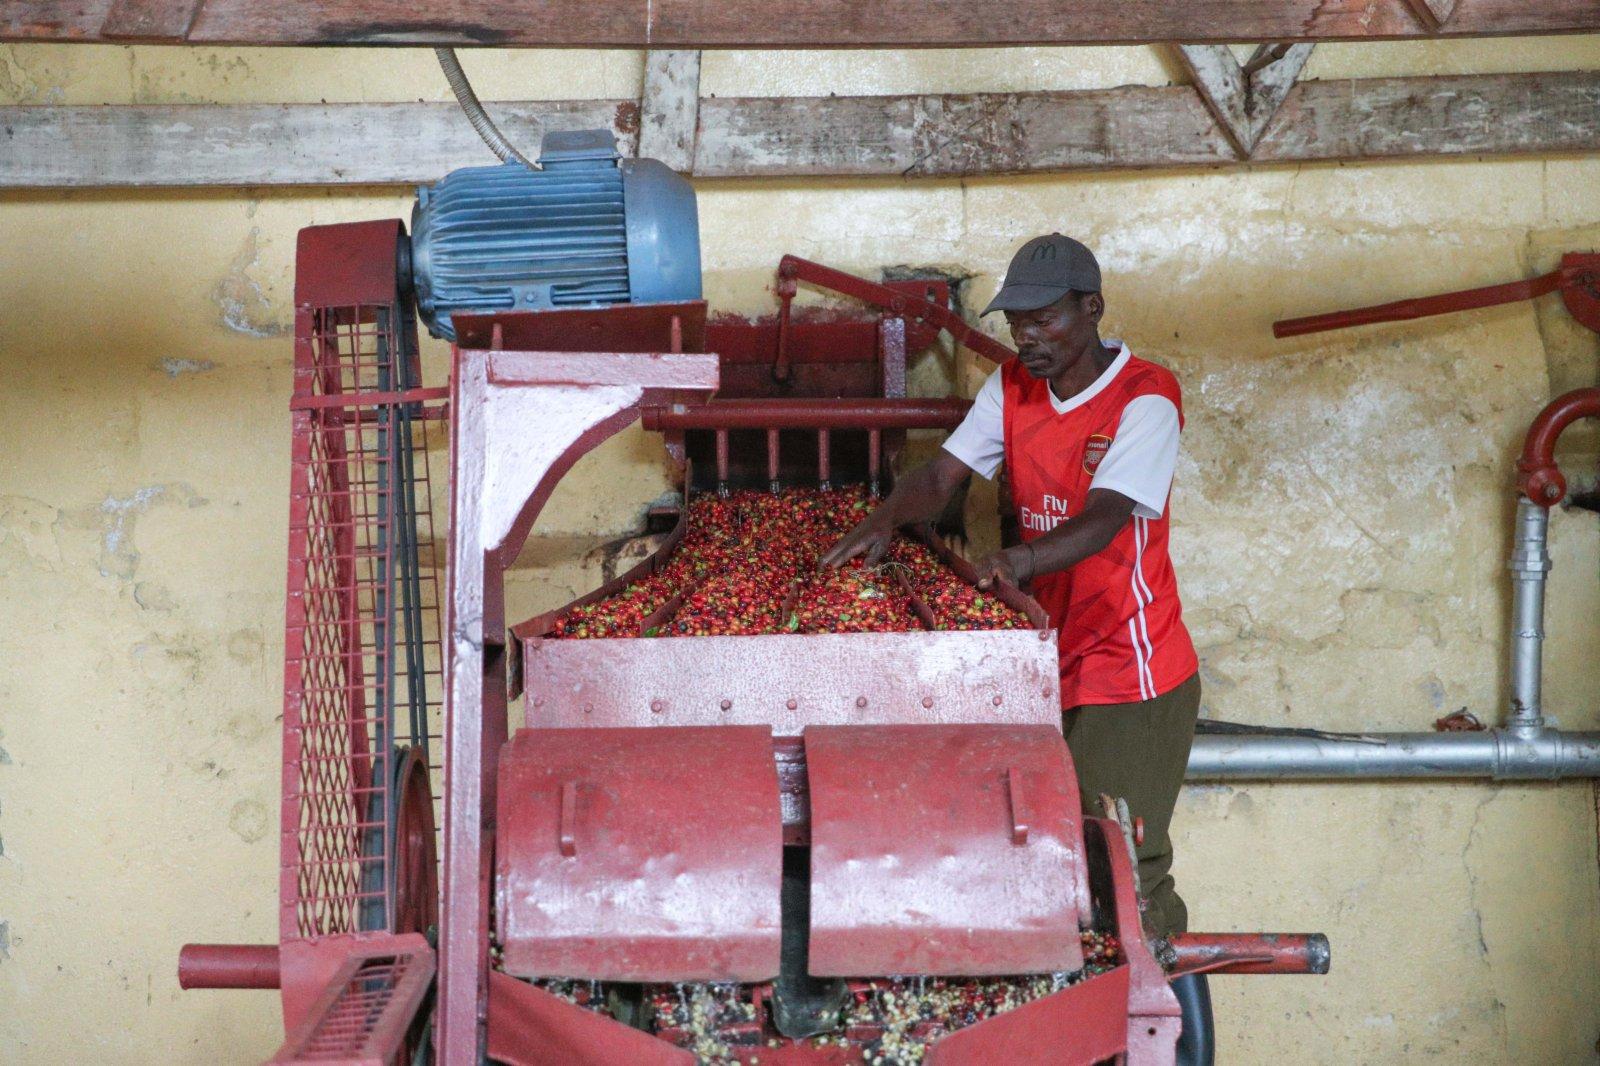 6月3日,工人在肯尼亞魯伊魯的一家咖啡園清洗咖啡豆。(新華社)